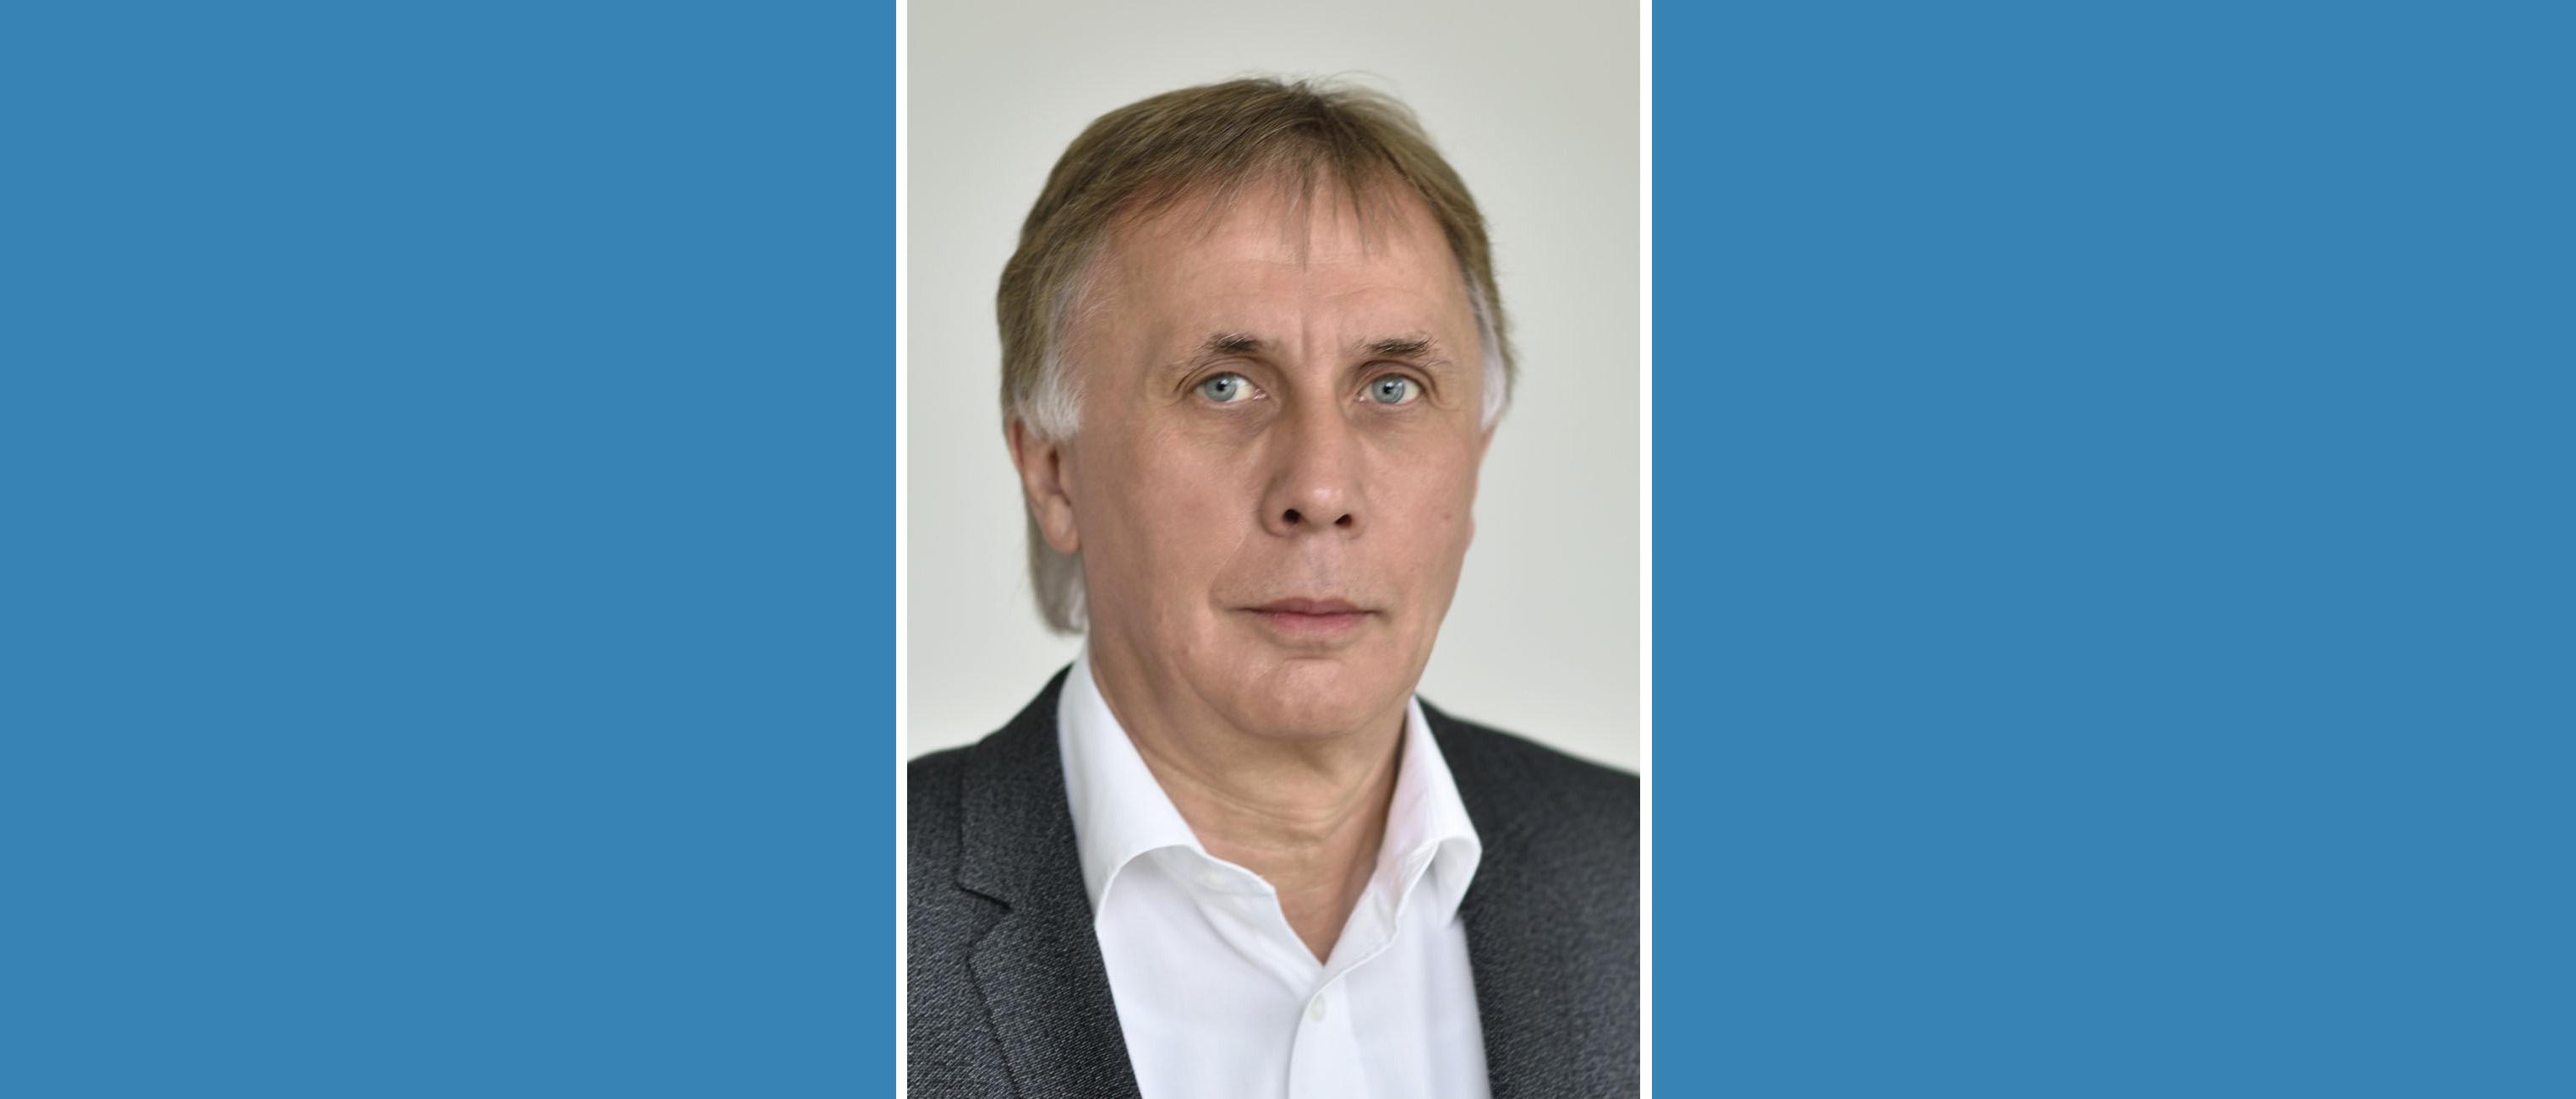 Dr.-Ing. Jens Ritter ist Prüfer für Eisenbahnbau